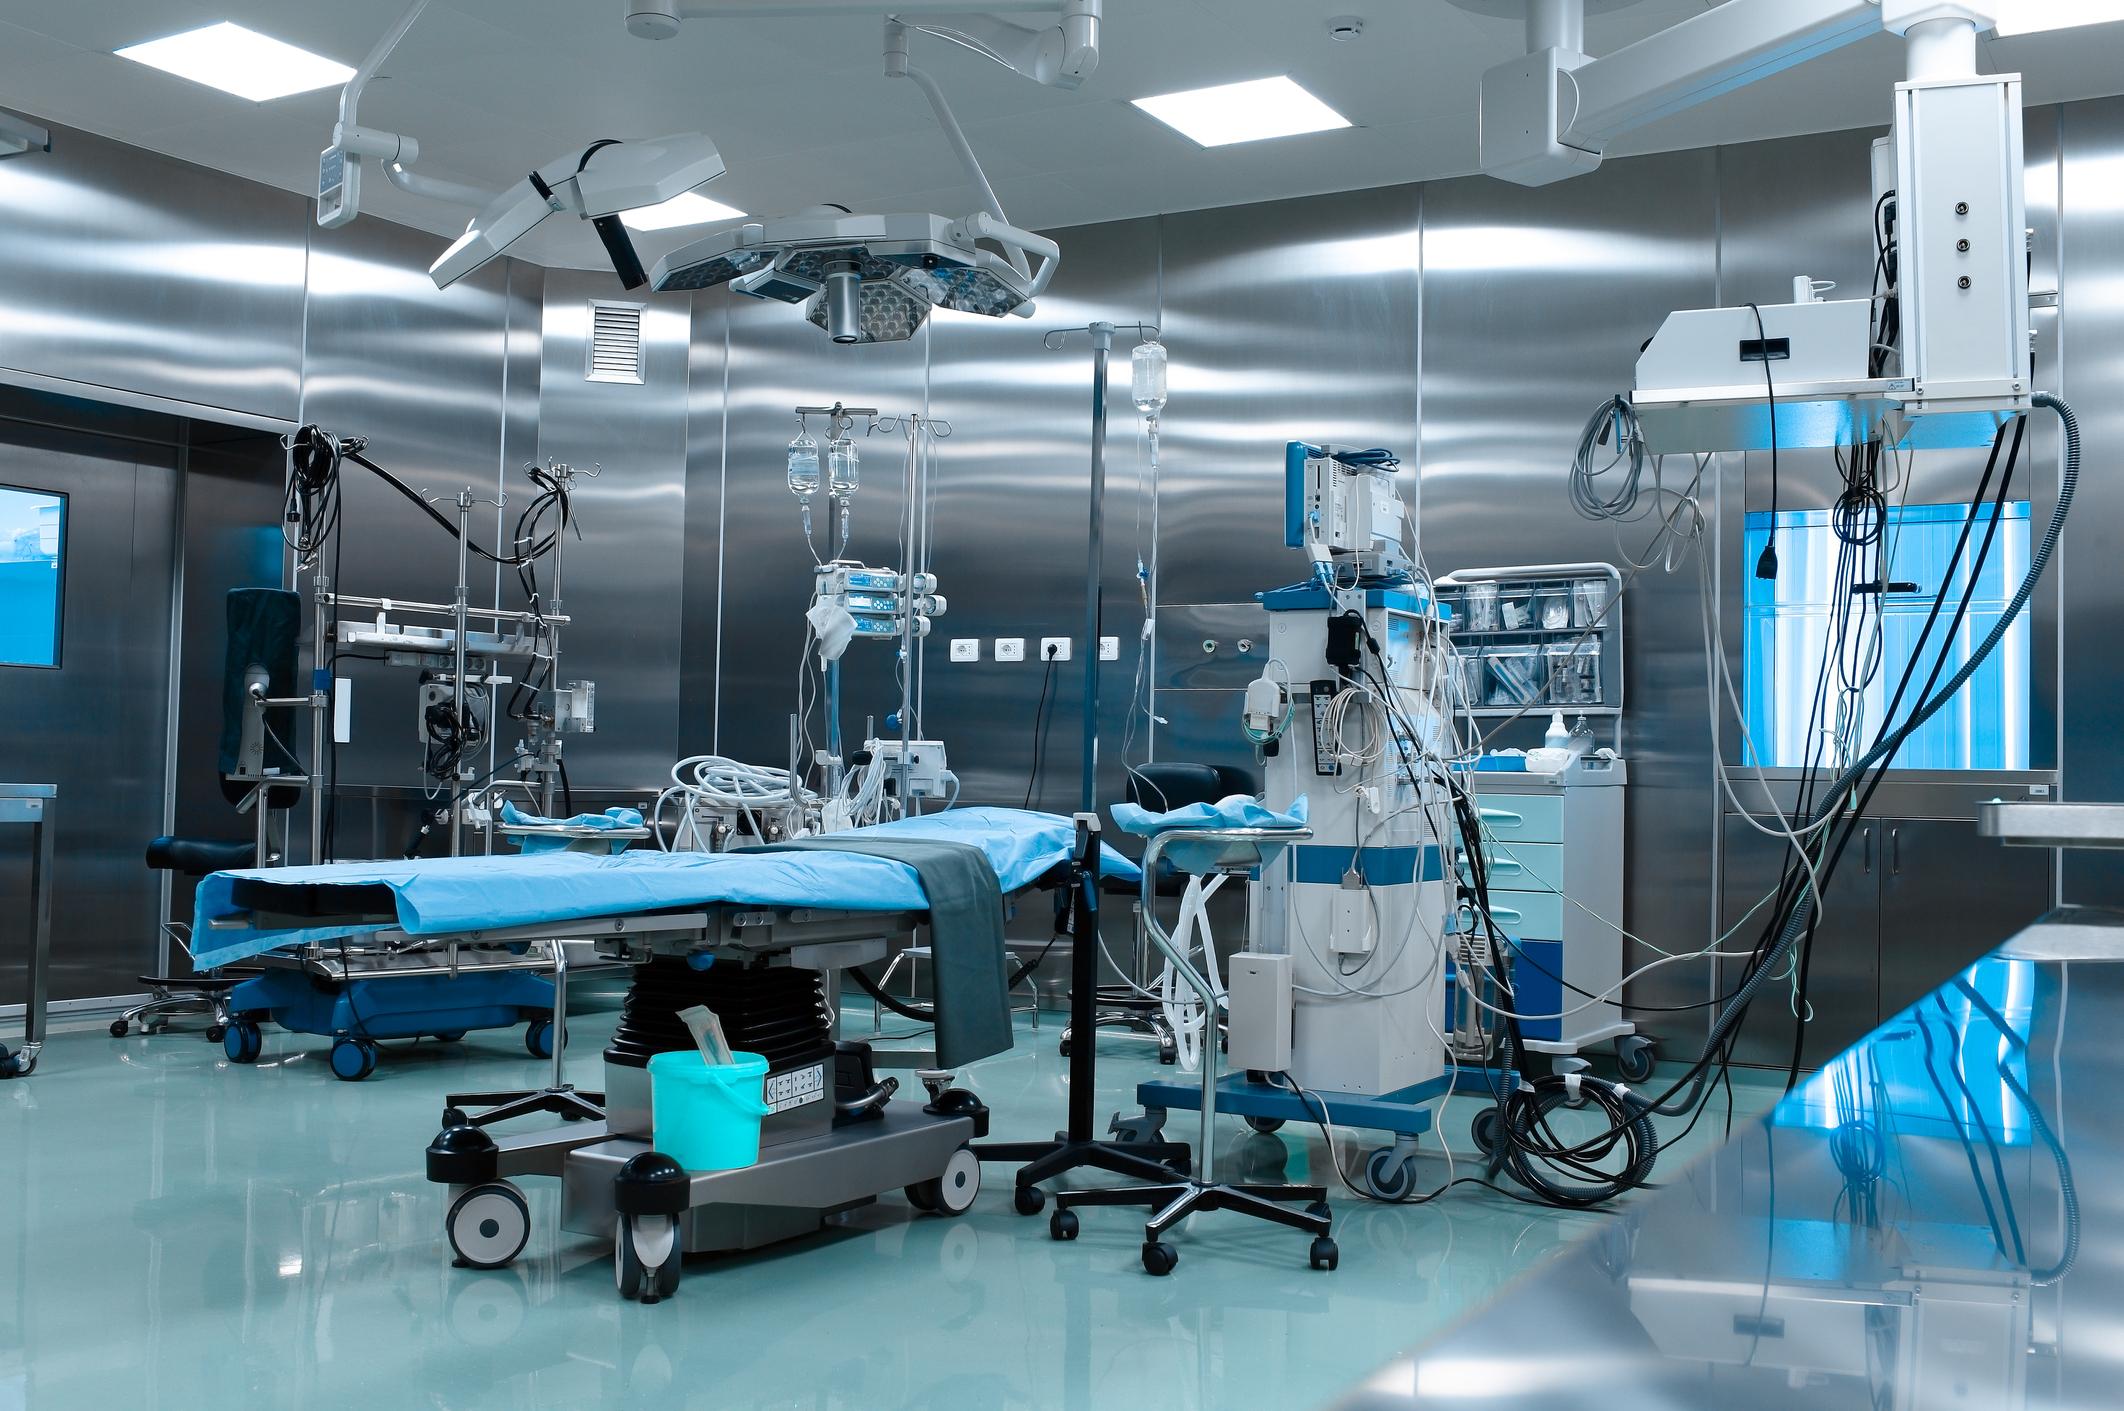 surplus medical equipment -